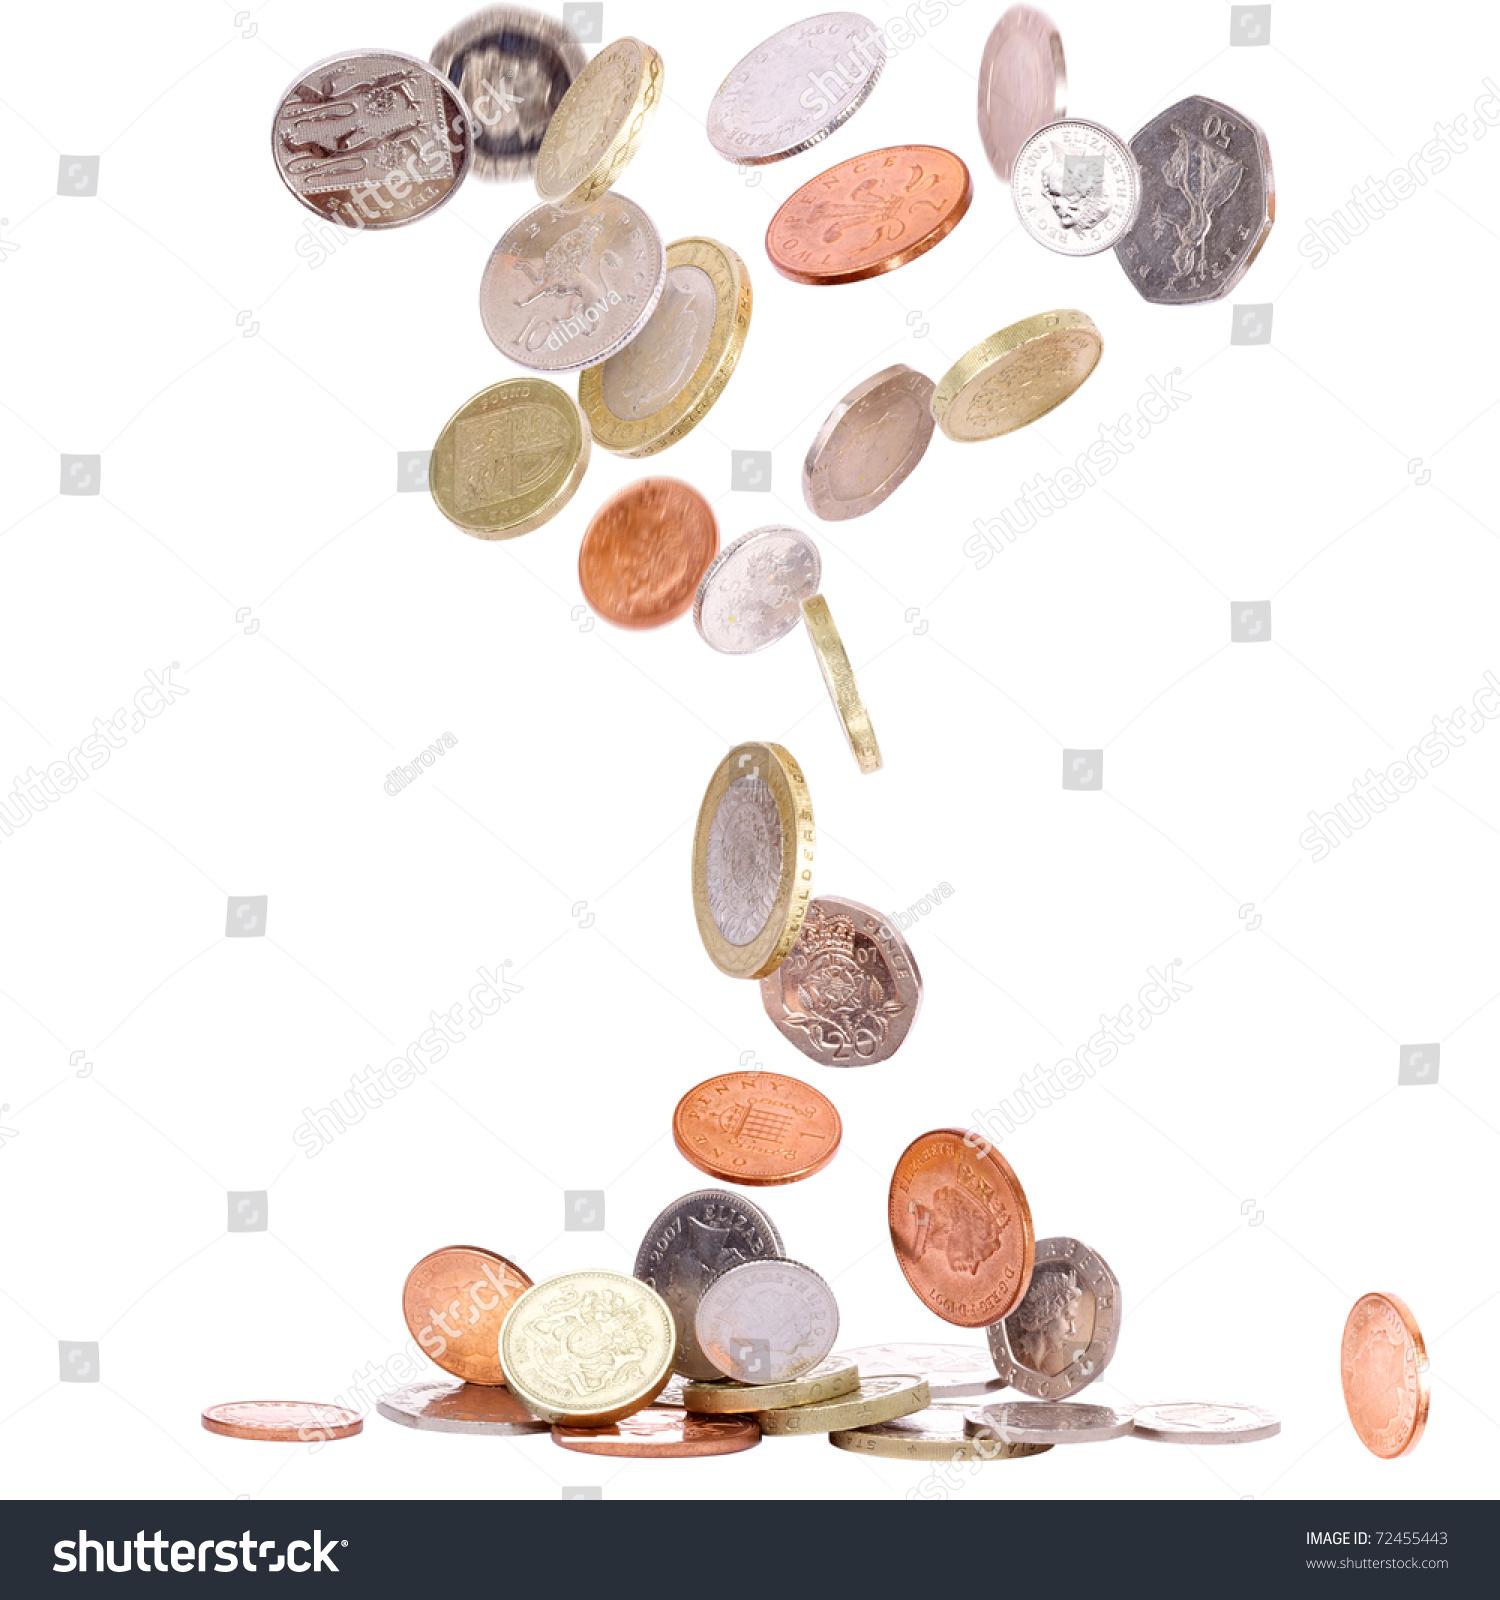 堆的英国硬币掉到地上-商业/金融,物体-海洛创意()-合